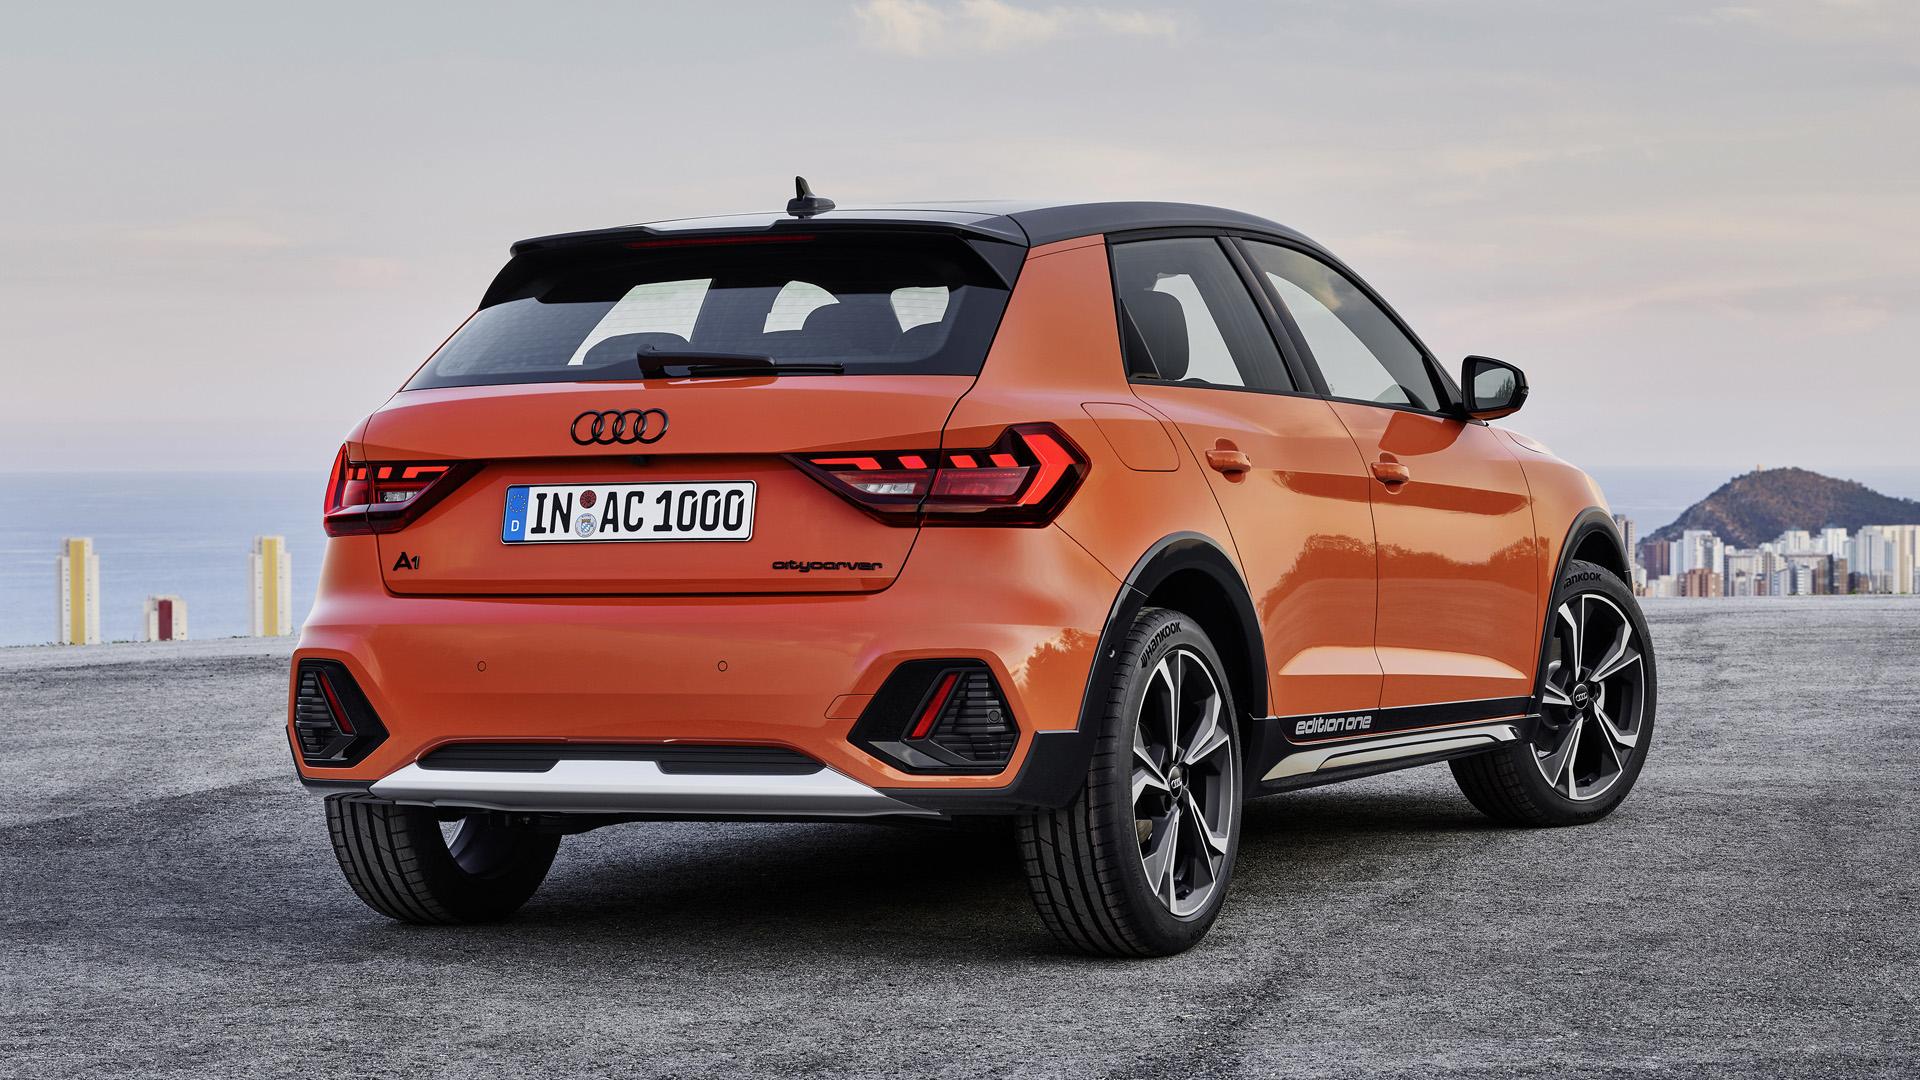 Audi A1 Citicarver